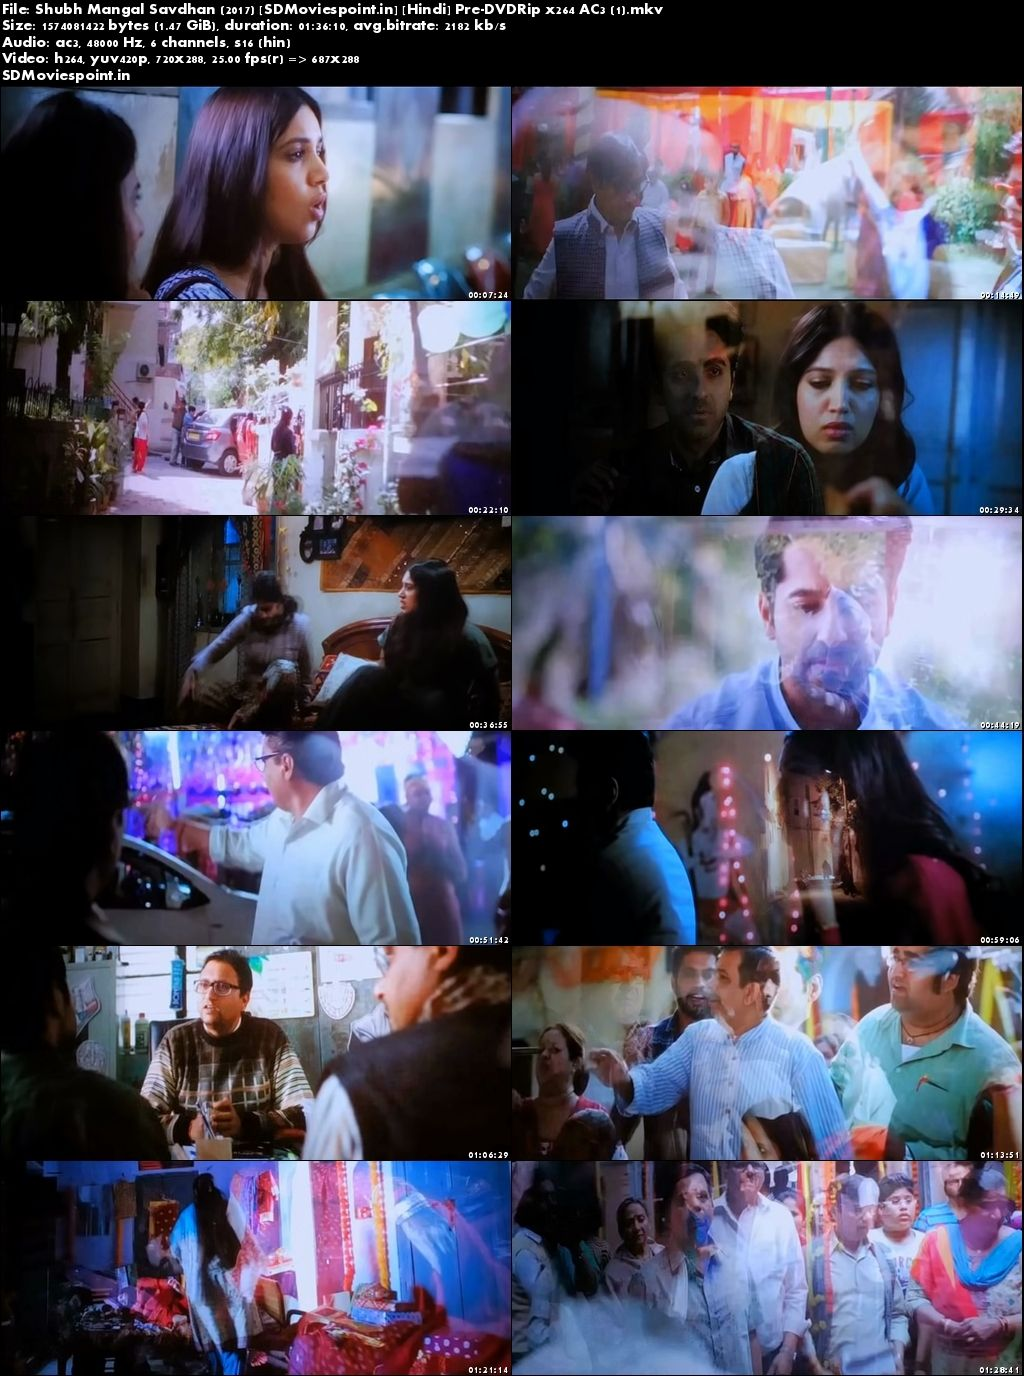 download full film Shubh Mangal Saavdhan movie